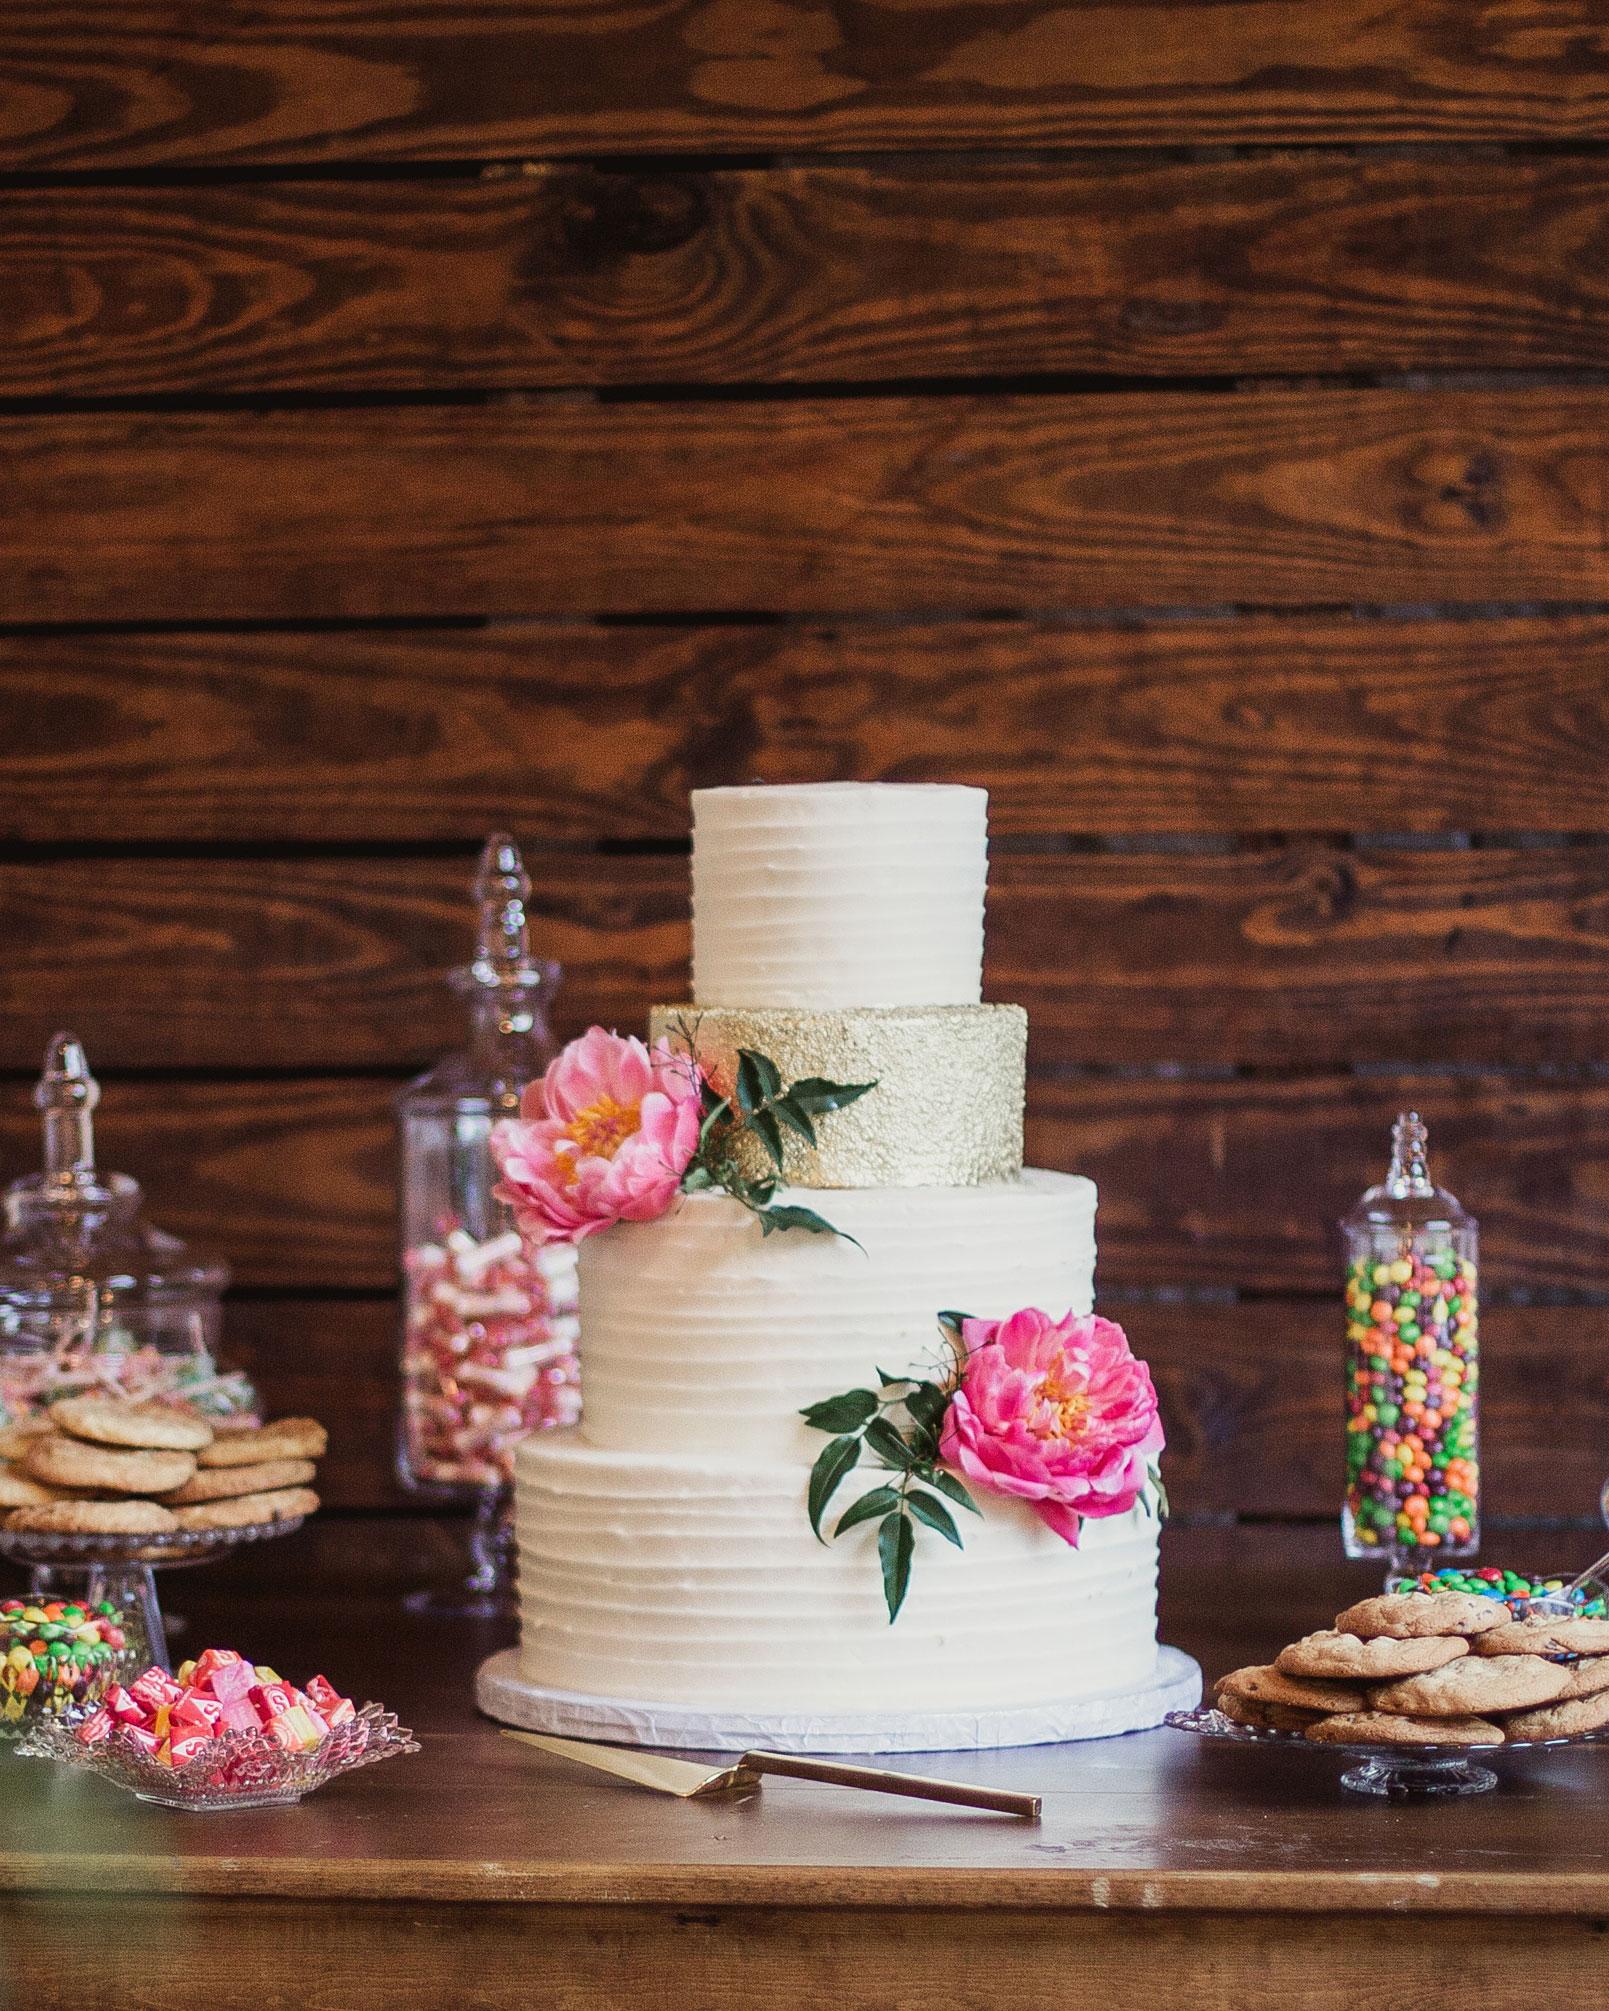 tara-dan-wedding-texas-cake-candy-022-s112848.jpg